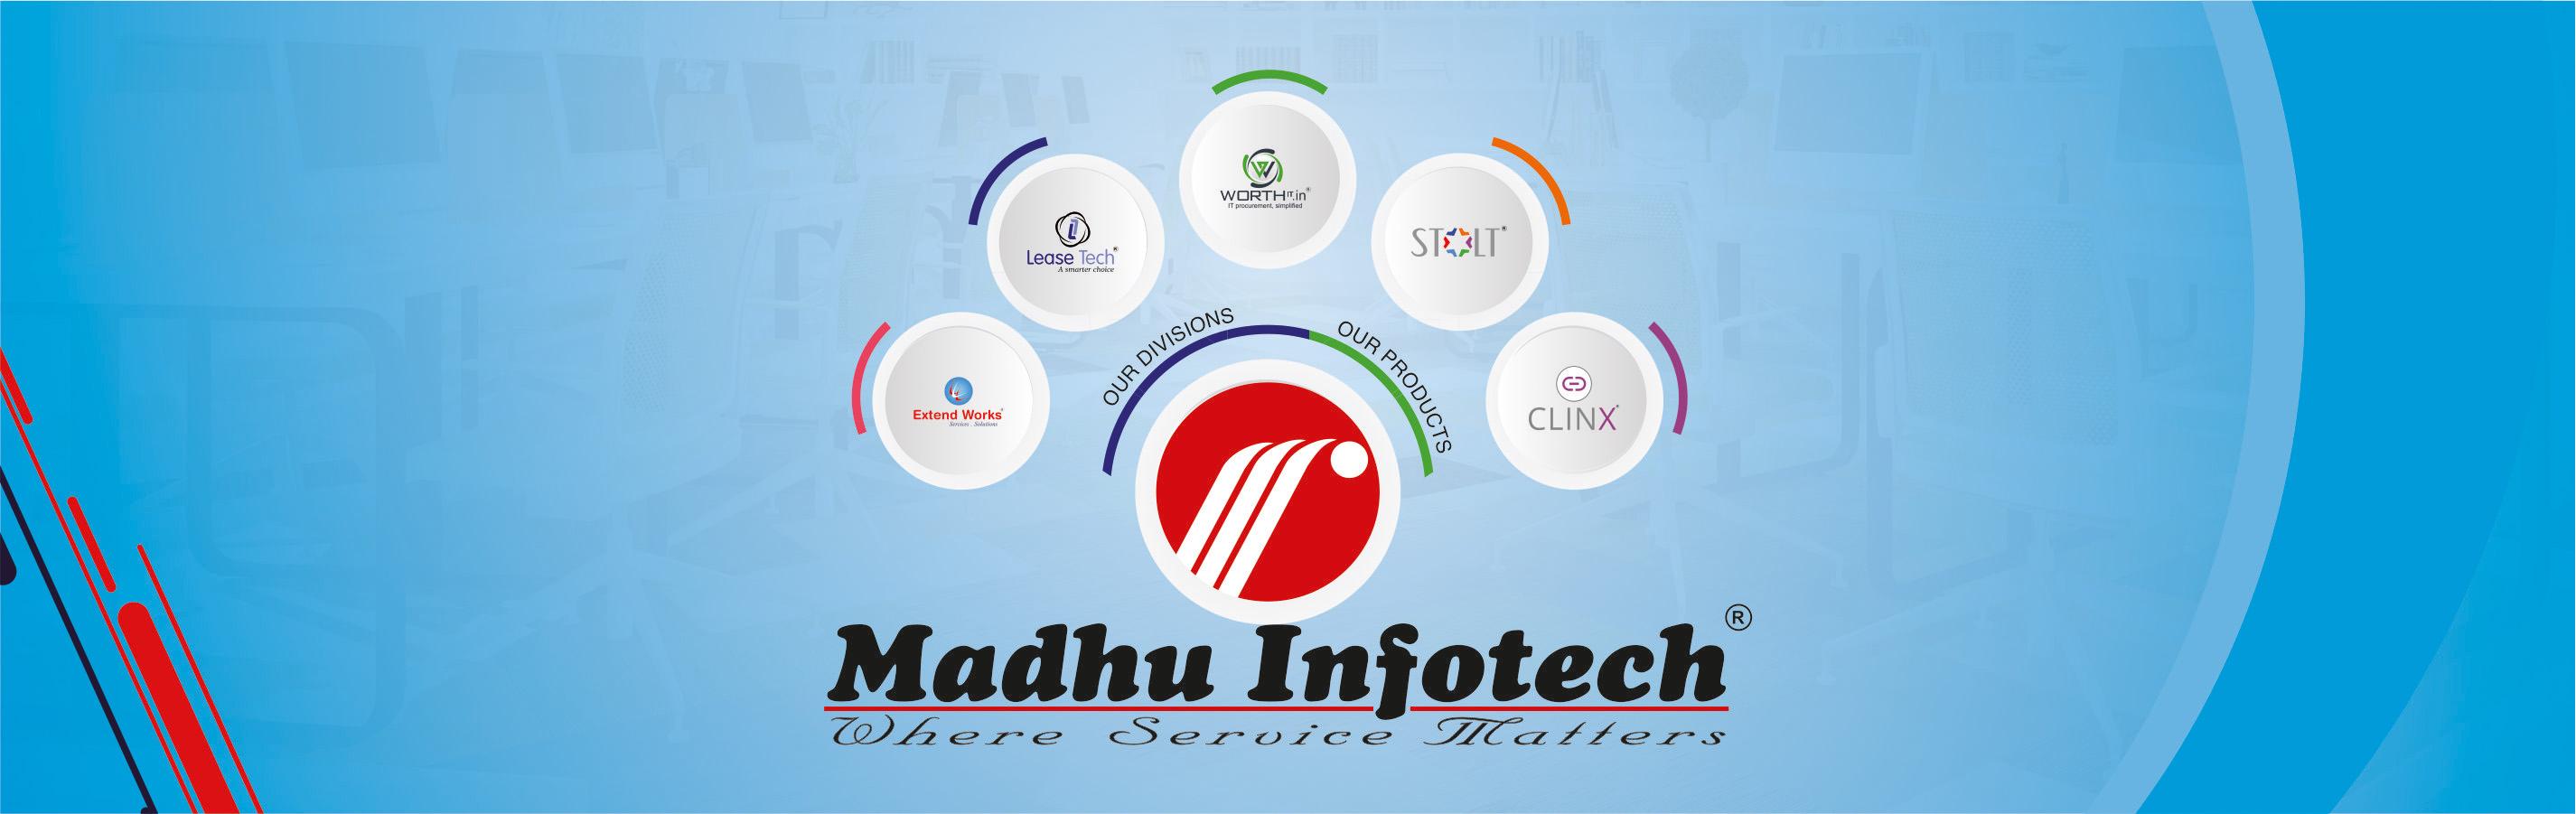 Madhu Infotech